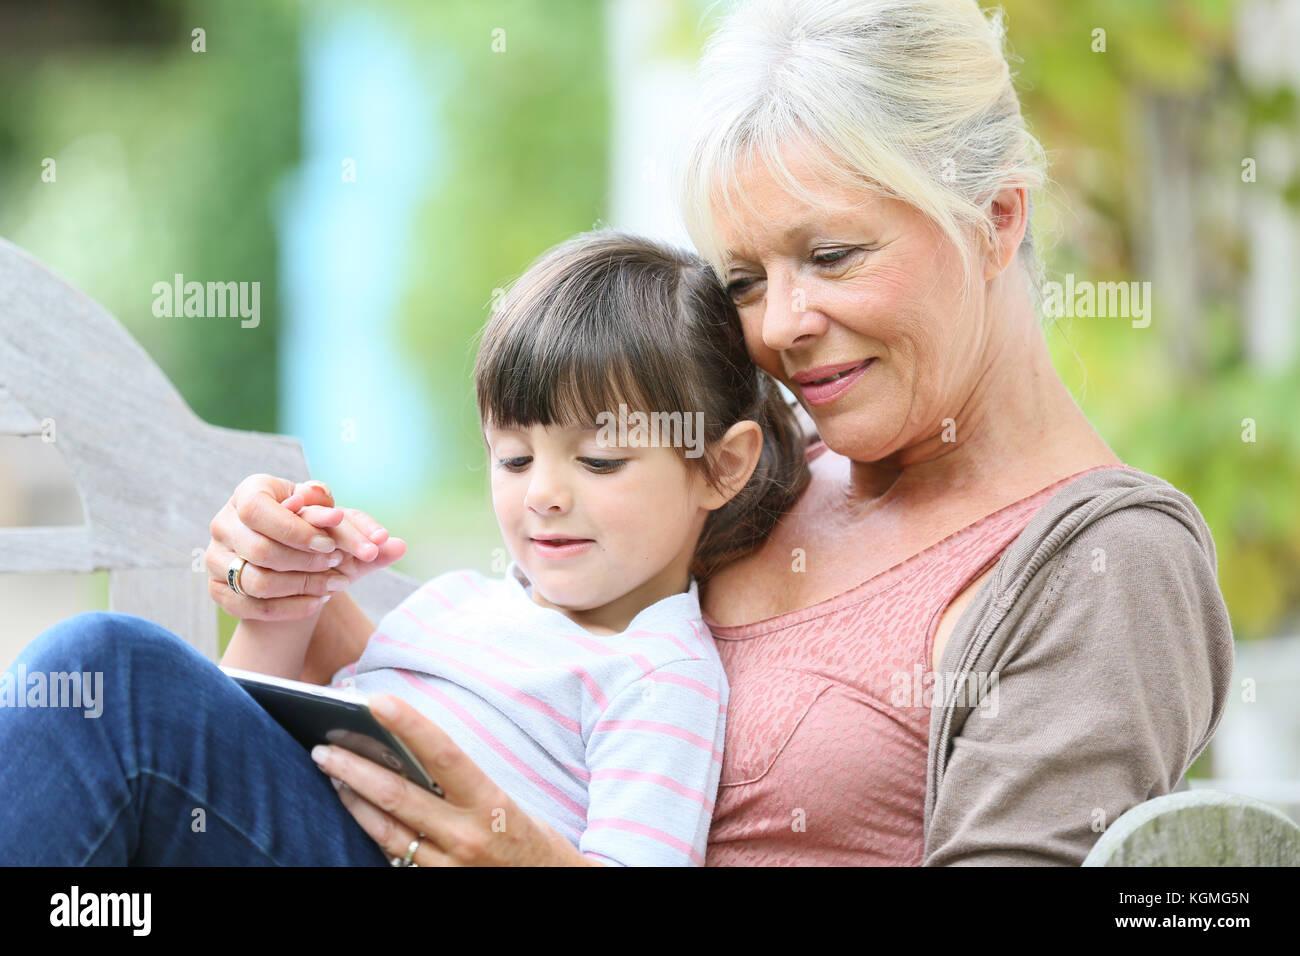 Mujer con grandkid senior jugando en smartphone Imagen De Stock